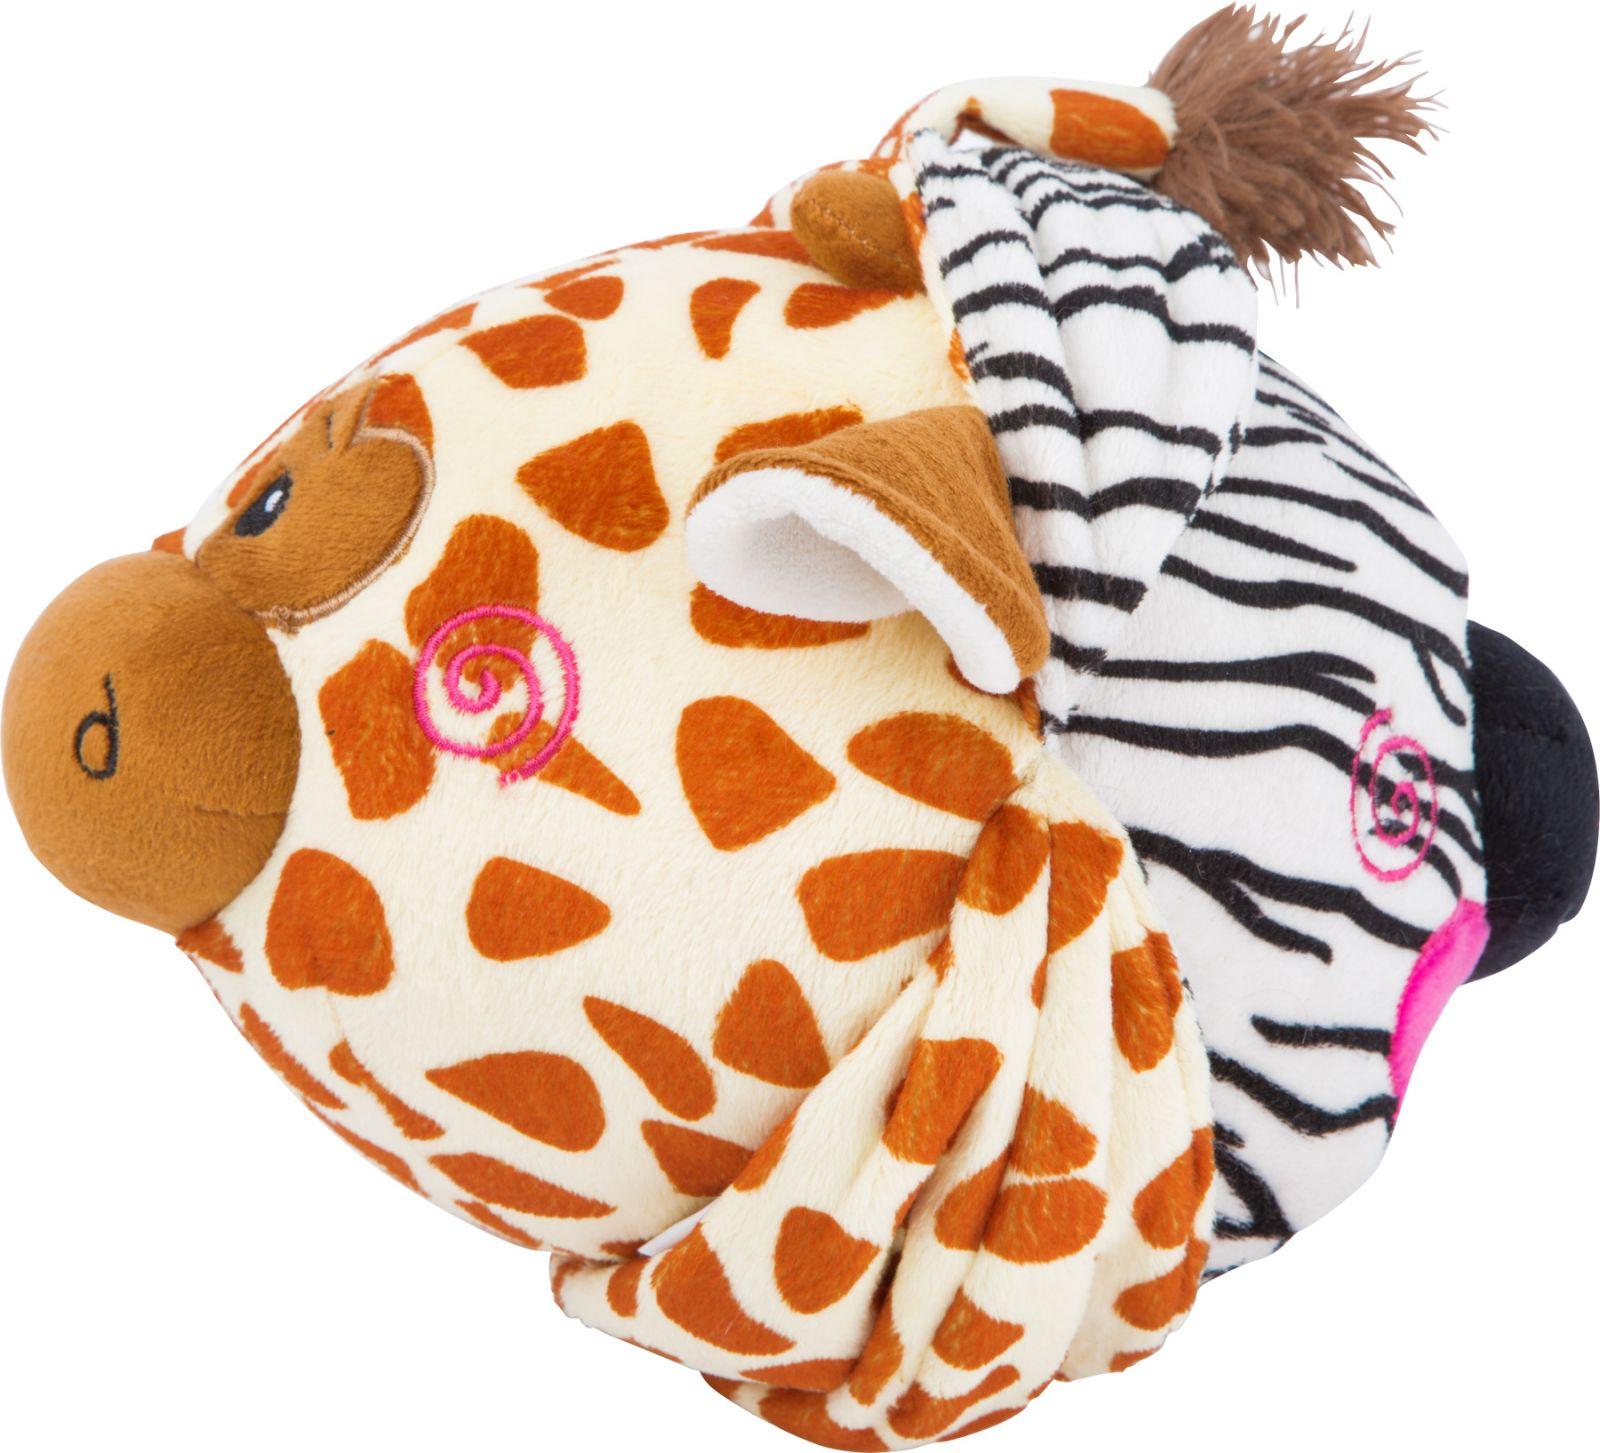 Dřevěné hračky Small Foot Látkový balónek zebra a žirafa Small foot by Legler